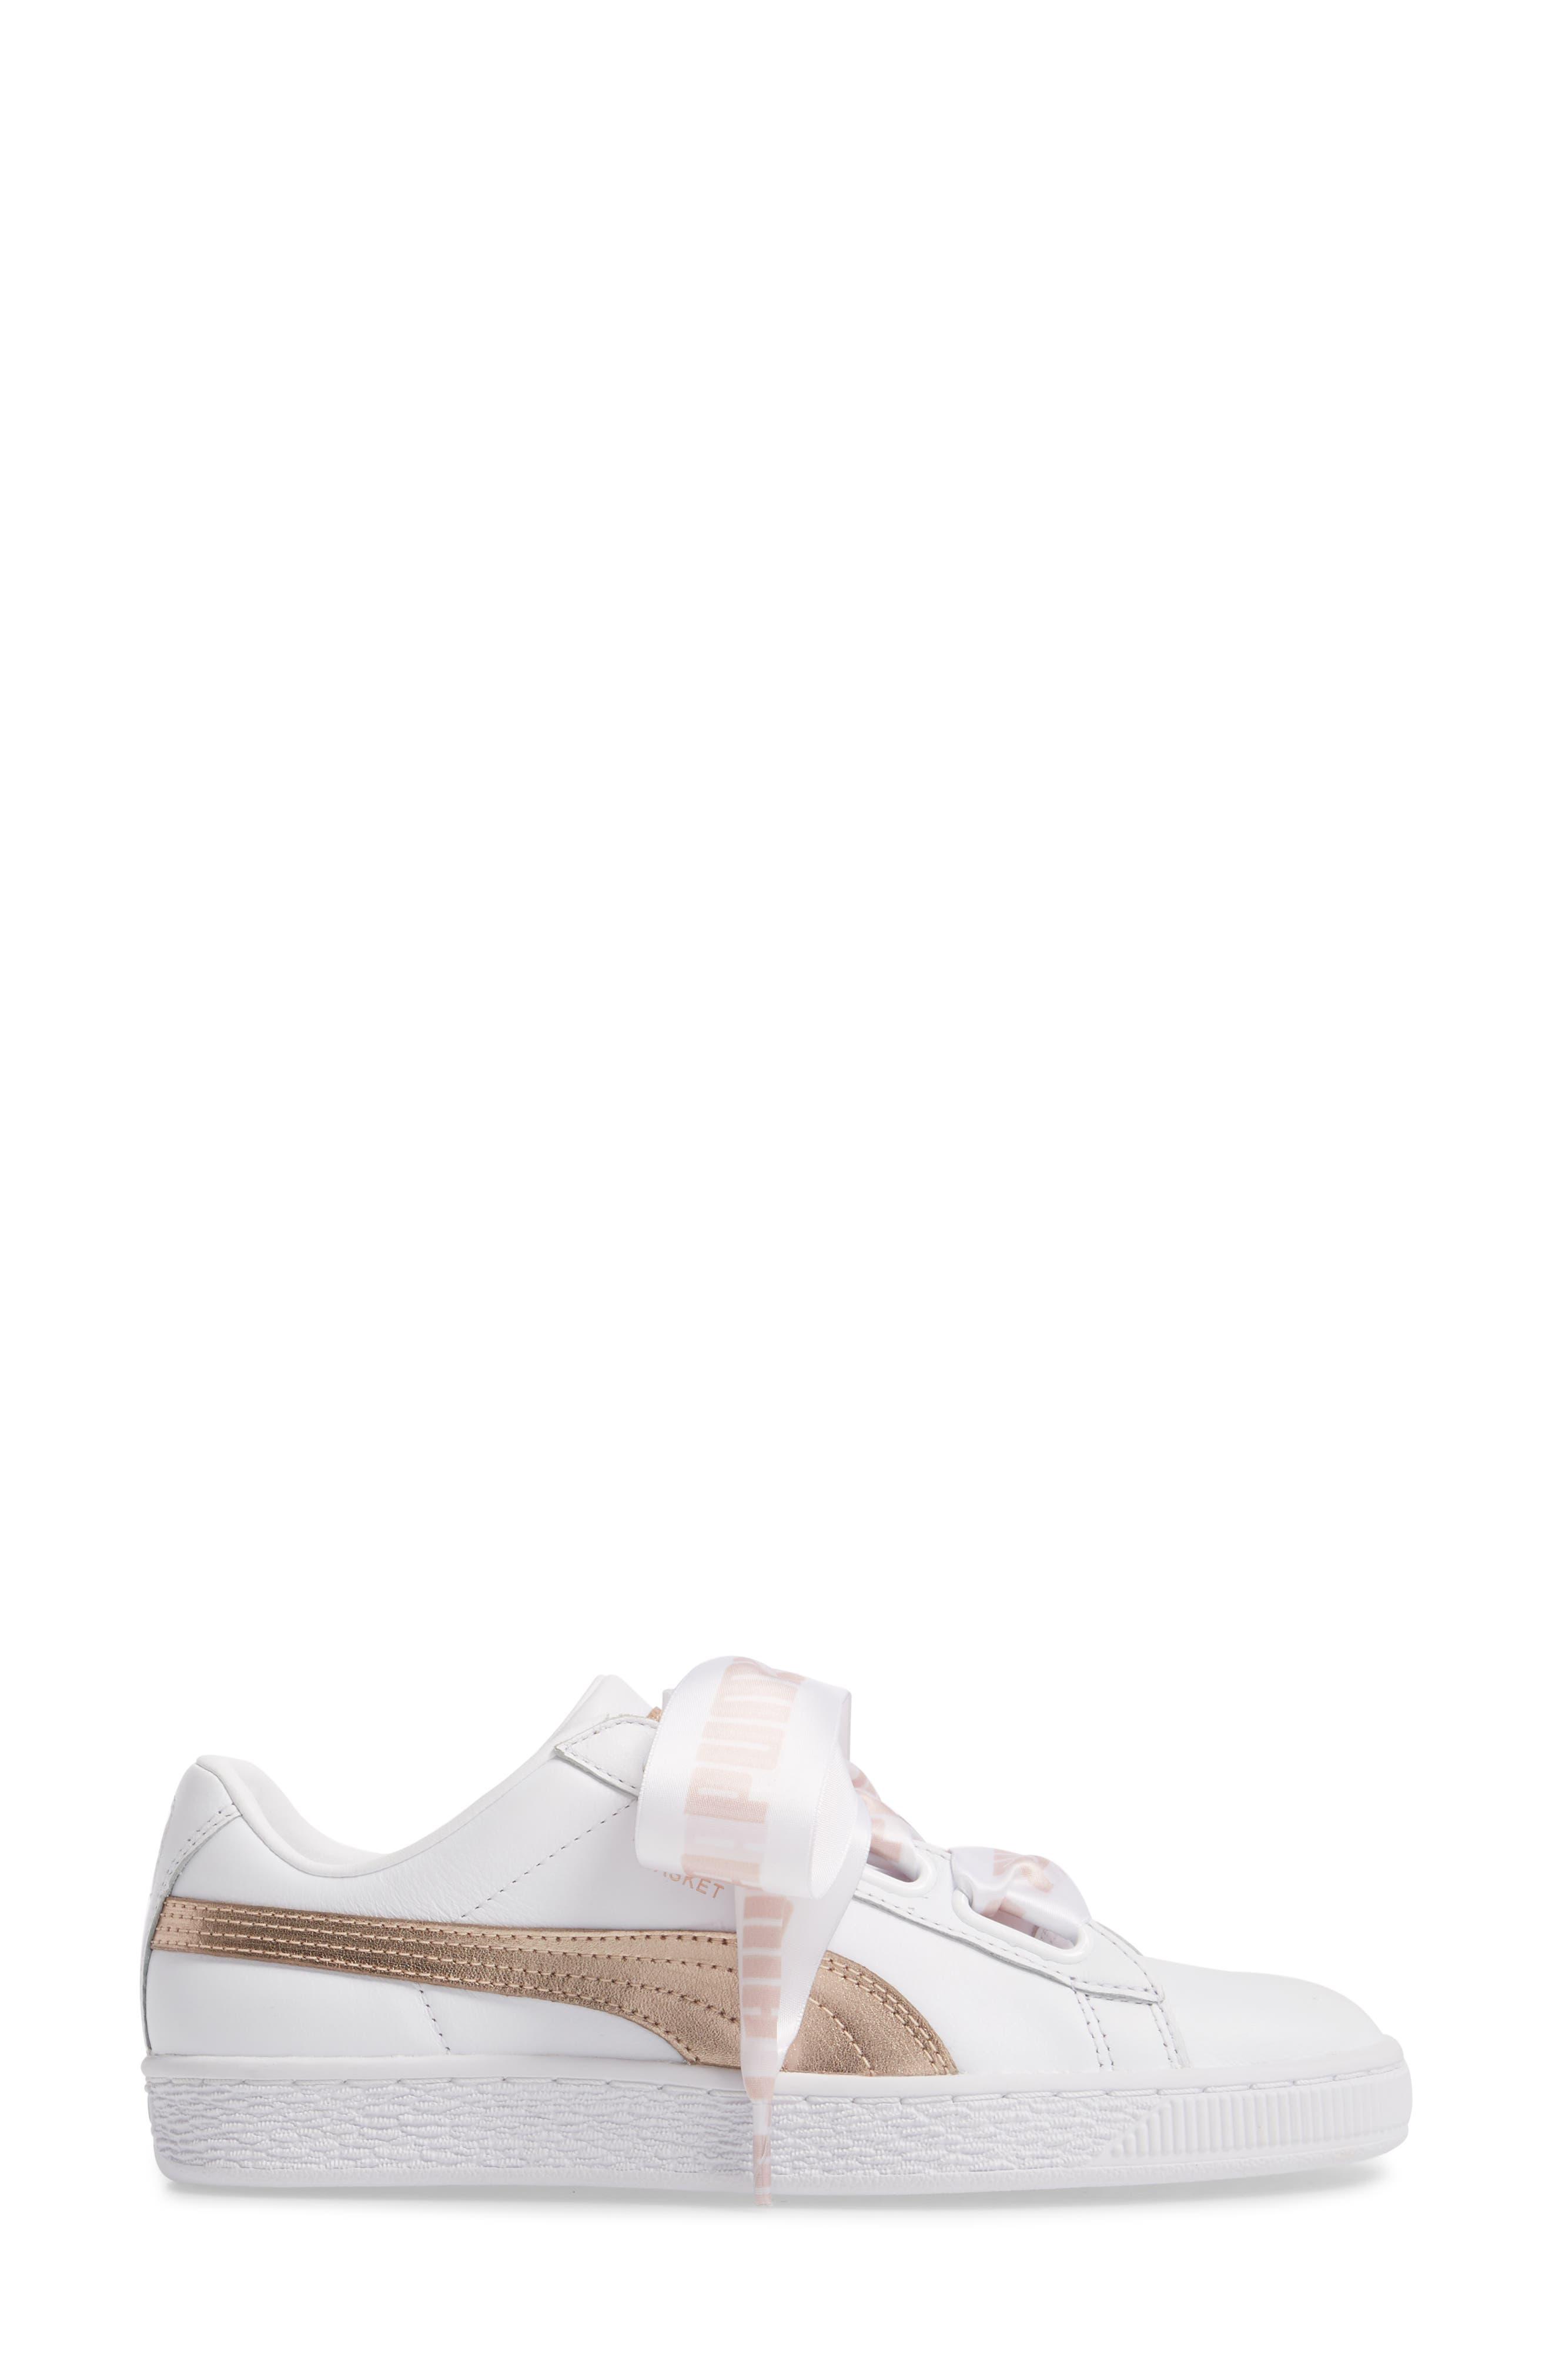 Basket Heart Sneaker,                             Alternate thumbnail 3, color,                             WHITE/ ROSE GOLD LEATHER